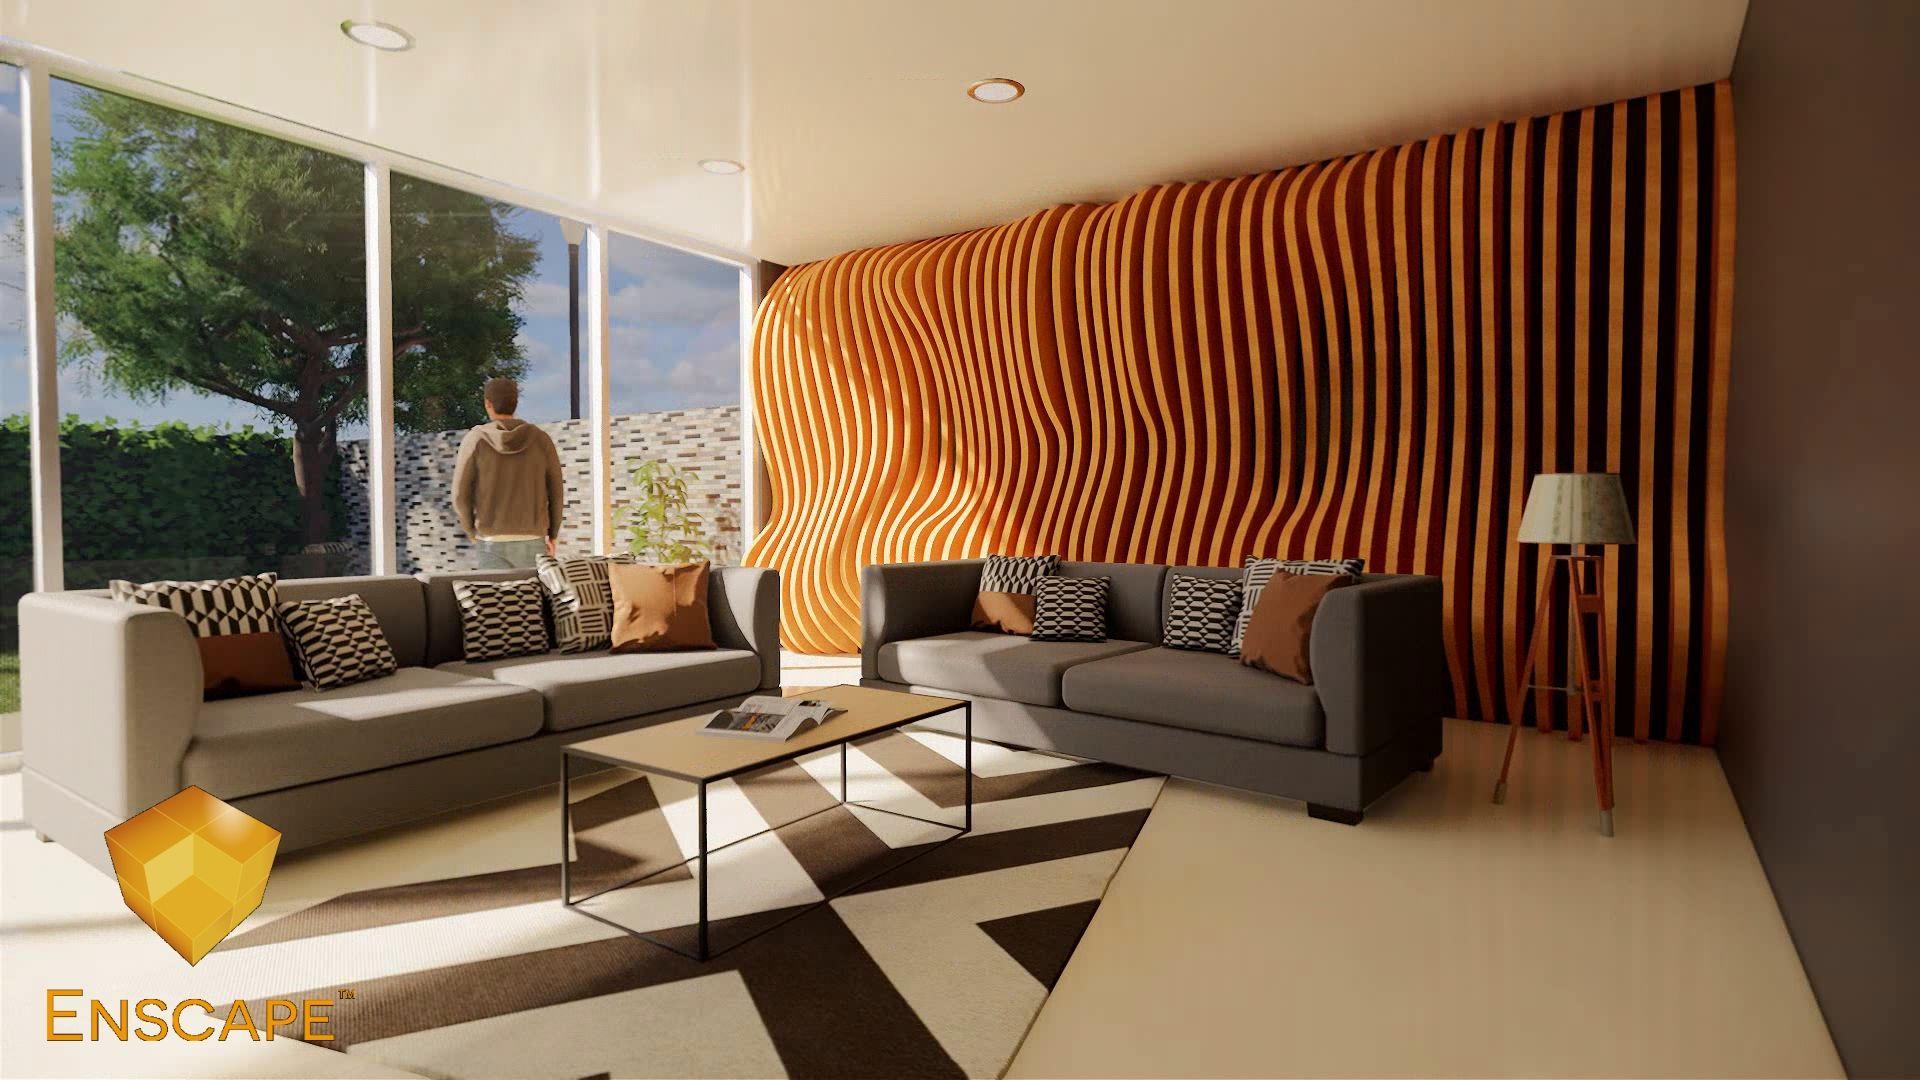 Enscape Animation Revit Revit Architecture Interior Rendering Interior